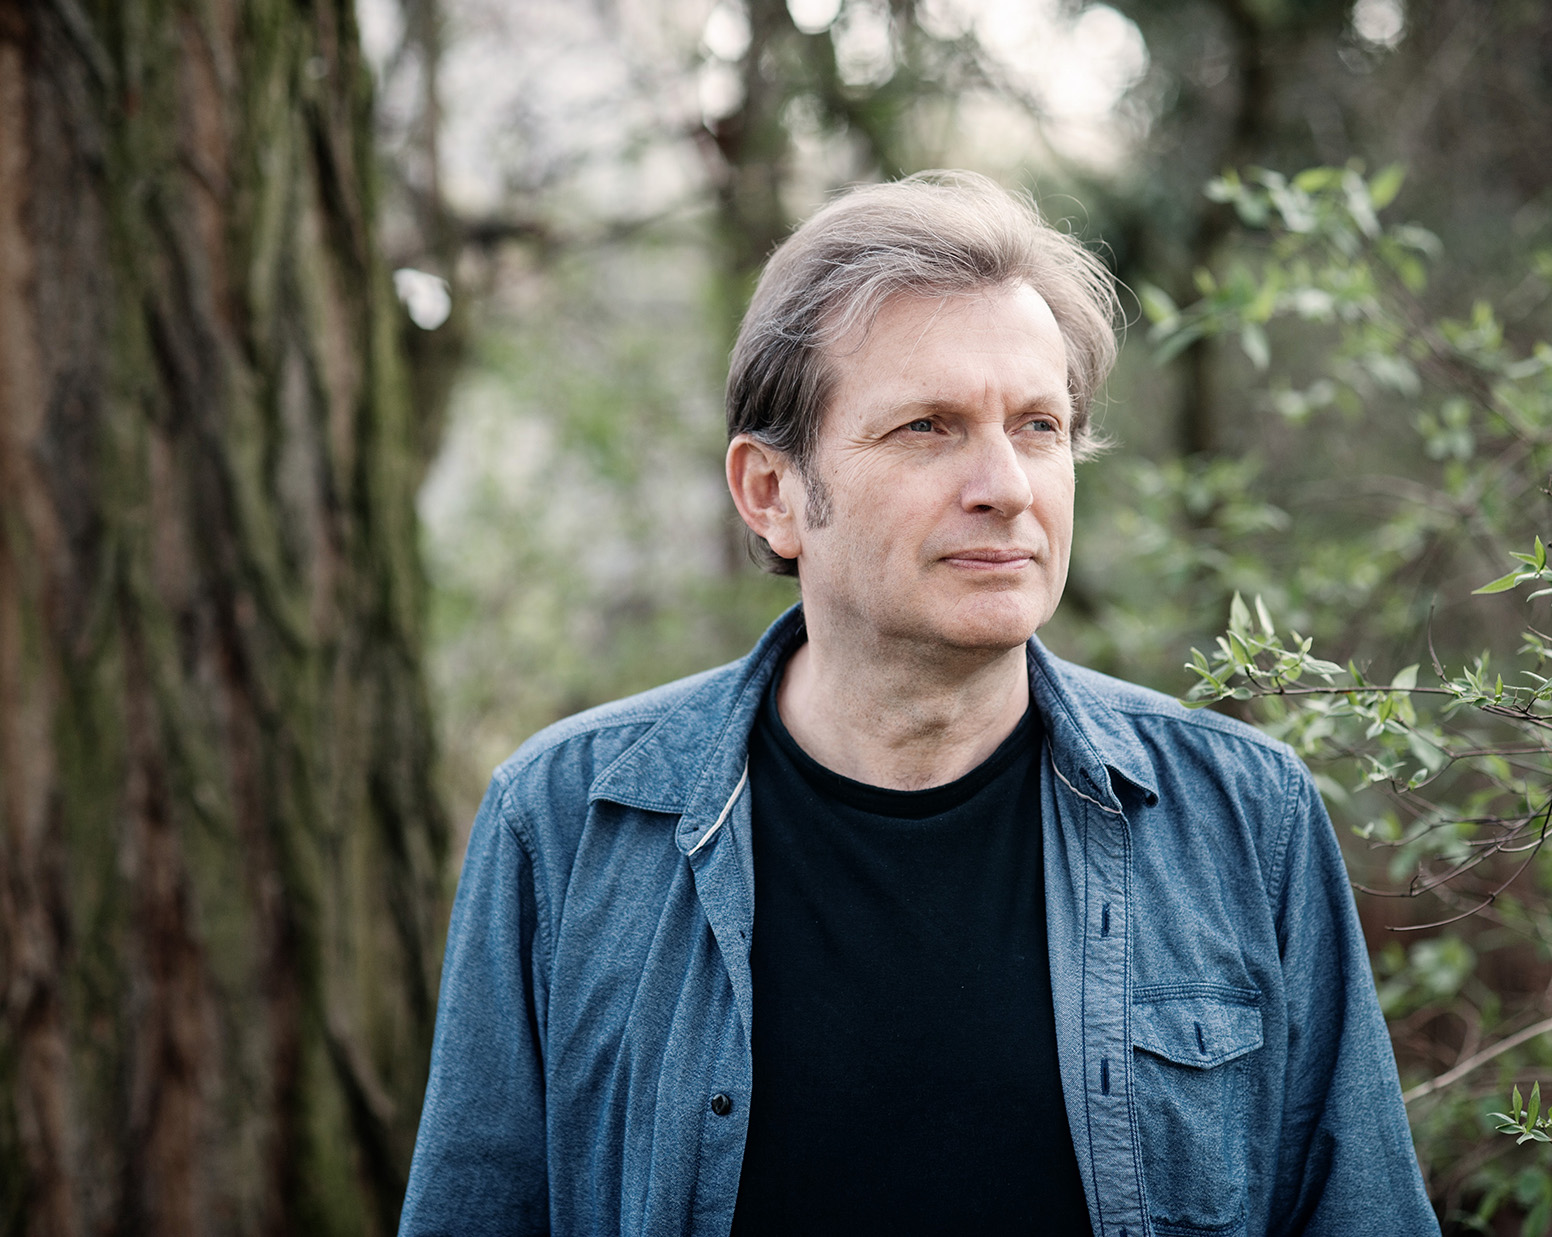 """Der Arzt Gerhard Trabert behandelt in Mainz obdachlose und arme Menschen. """"Ich habe die Vision, dass unser Arbeiten ein Zeichen ist, dass es etwas anderes gibt in unserer Gesellschaft, das gleichwürdiges, respektvolles Umgehen etwas zentrales sein muss."""""""